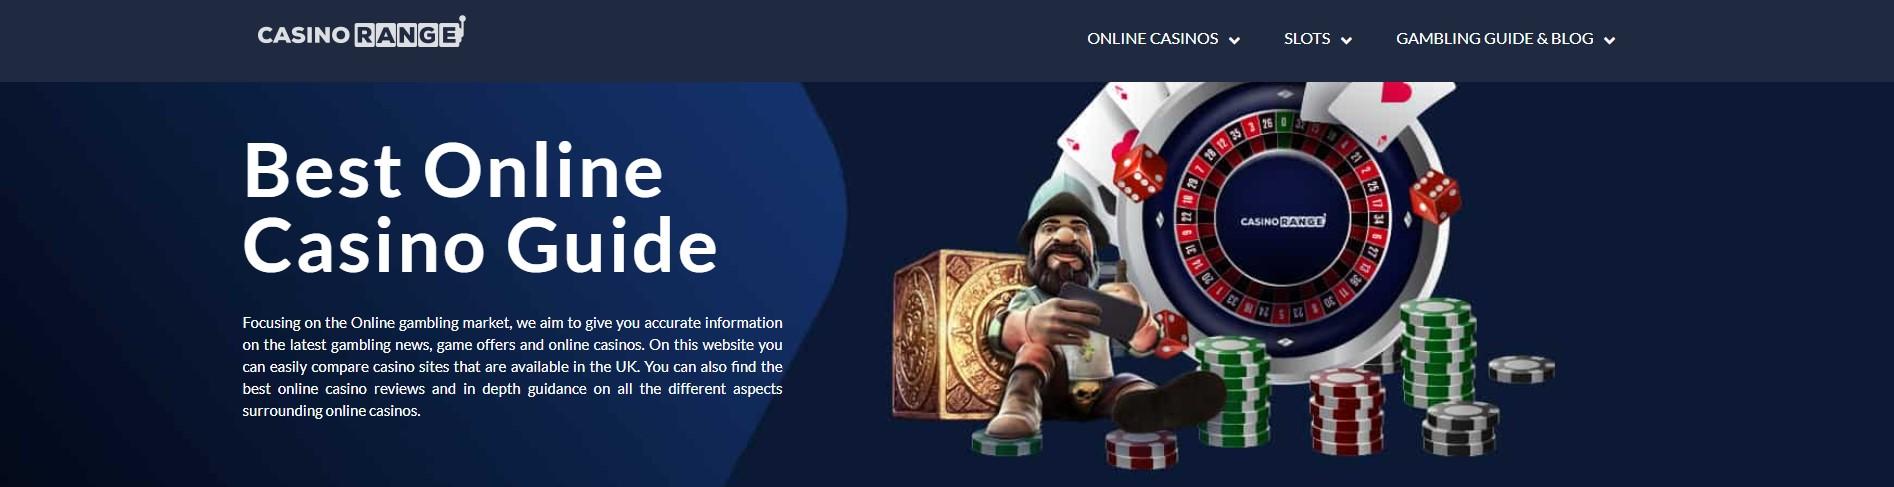 CasinoRange Affiliate Grand Slam